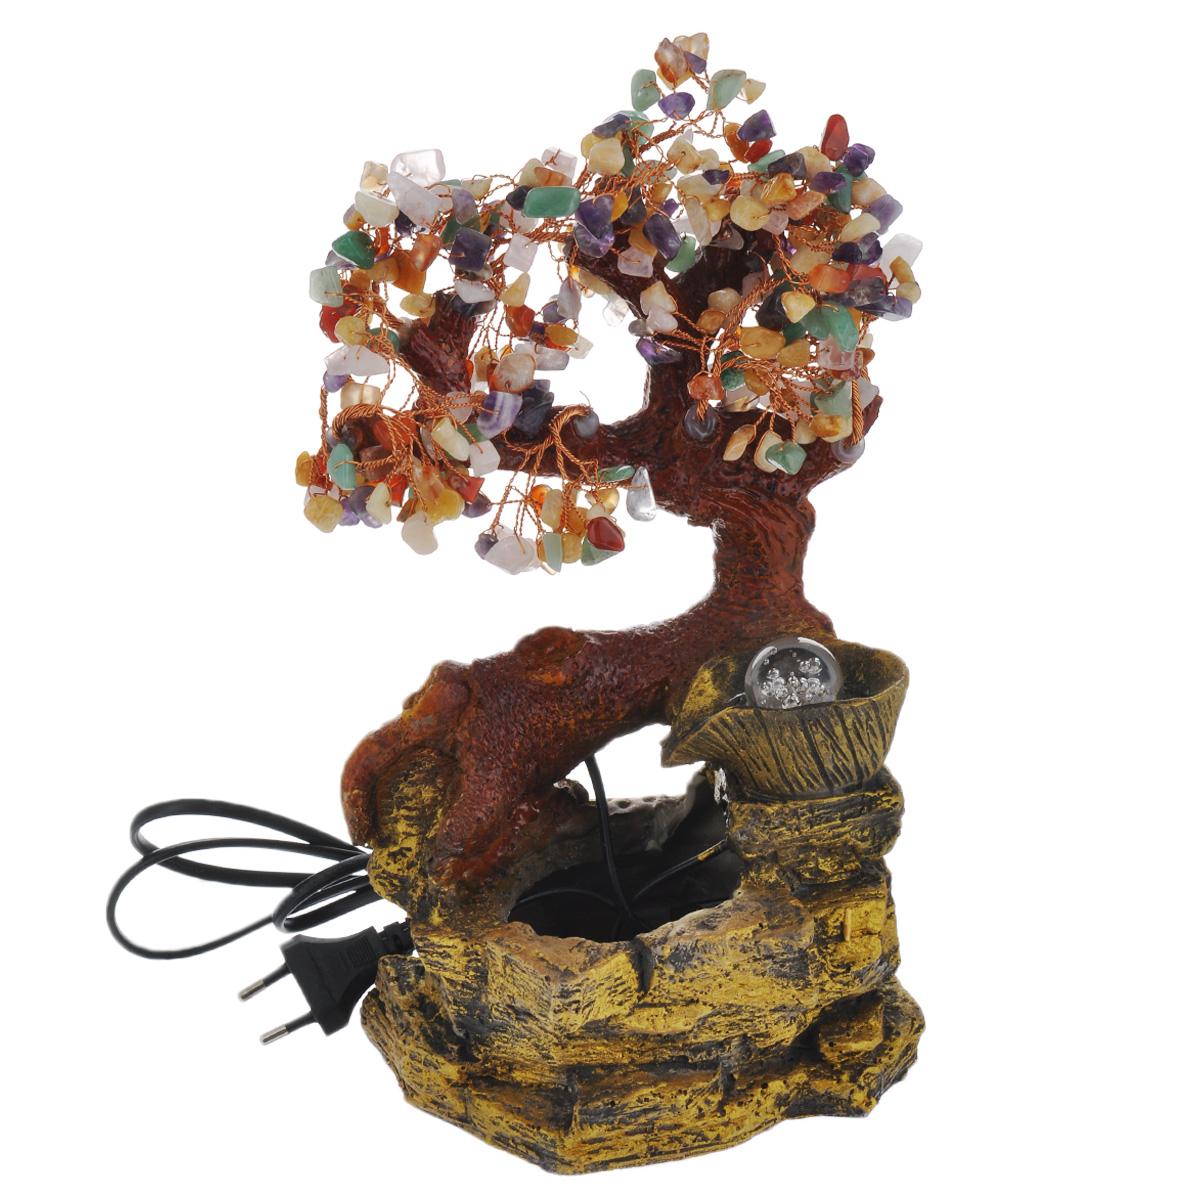 Фонтан Sima-land Колодец счастья420261Фонтан Sima-land Колодец счастья, изготовленный из полистоуна, украсит интерьер любого помещения. Изделие выполнено в виде дерева бонсай, растущего у колодца. Листья дерева выполнены в виде разноцветных декоративных камней. На источнике помещается стеклянный шар, который подсвечивается светодиодами и левитирует над водой при включении фонтана. Журчание и вид воды, стекающей струями из миниатюрного фонтана и искрящейся на солнце, могут изменить облик вашего дома и сада, создавая атмосферу покоя. Фонтан работает при помощи электрического погружного центробежного насоса, входящего в комплект. Интерьерный фонтан хорошо увлажняет воздух, благотворно воздействуя на наш организм и создавая здоровый климат. Размер фонтана: 16 см х 12,5 см х 32 см. Длина провода: 150 см. УВАЖАЕМЫЕ КЛИЕНТЫ! Обращаем ваше внимание на то, что фонтан работает от сети 220V.